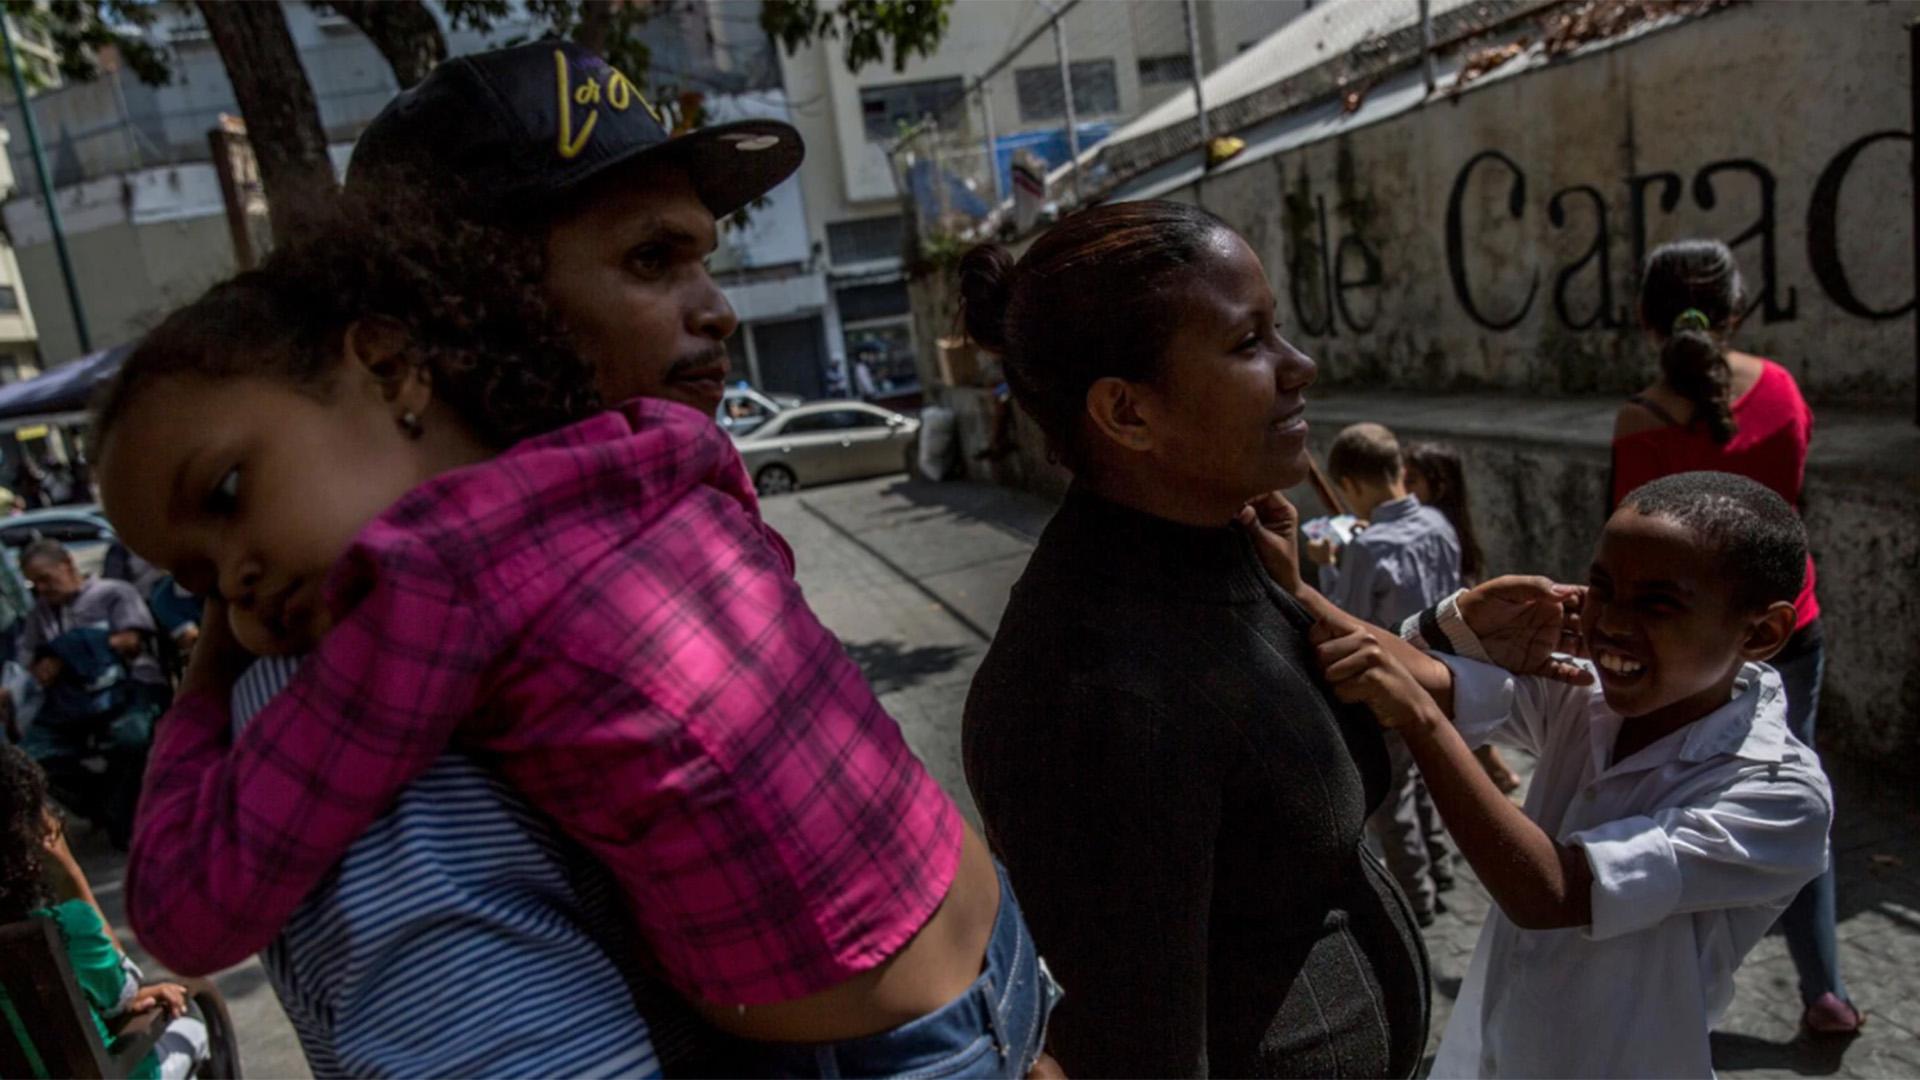 Enrique y Viviana recorren las calles de Caracas junto a sus hijos